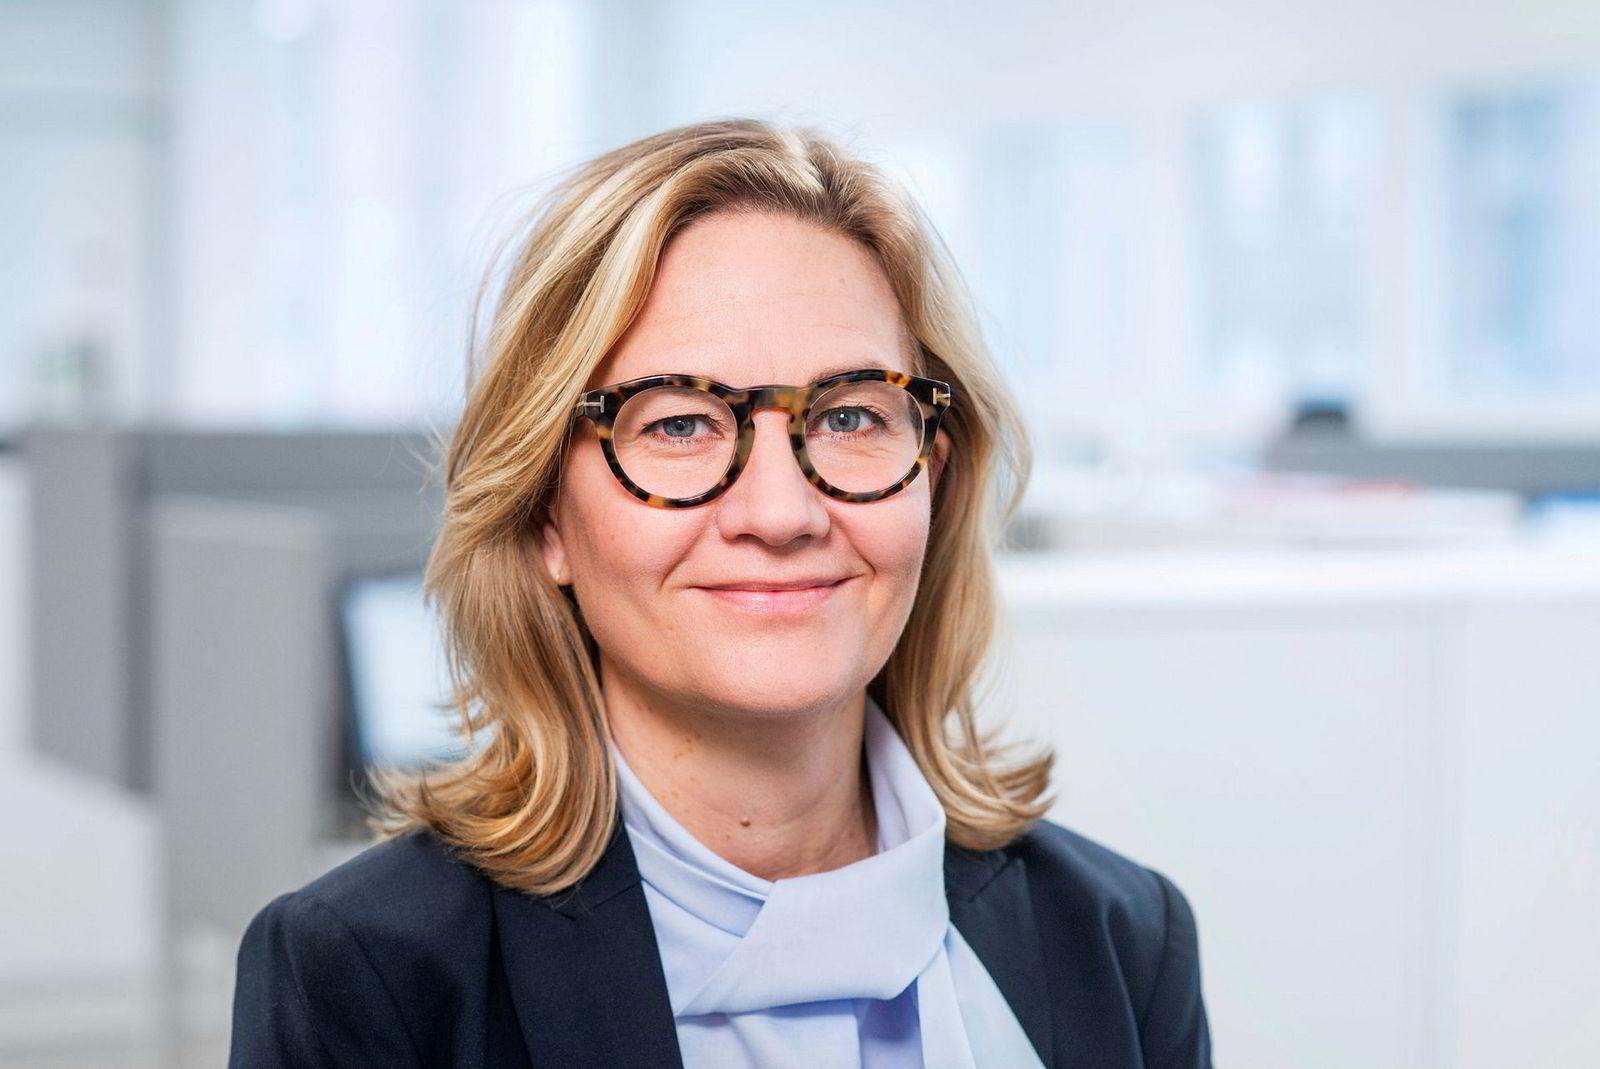 Mille Haslund Mellbye fra skadeoppgjørselskapet Claims Link påpeker at dommen enda ikke er rettskraftig, men at den kan medføre store endringer i praksis om den får bli stående.